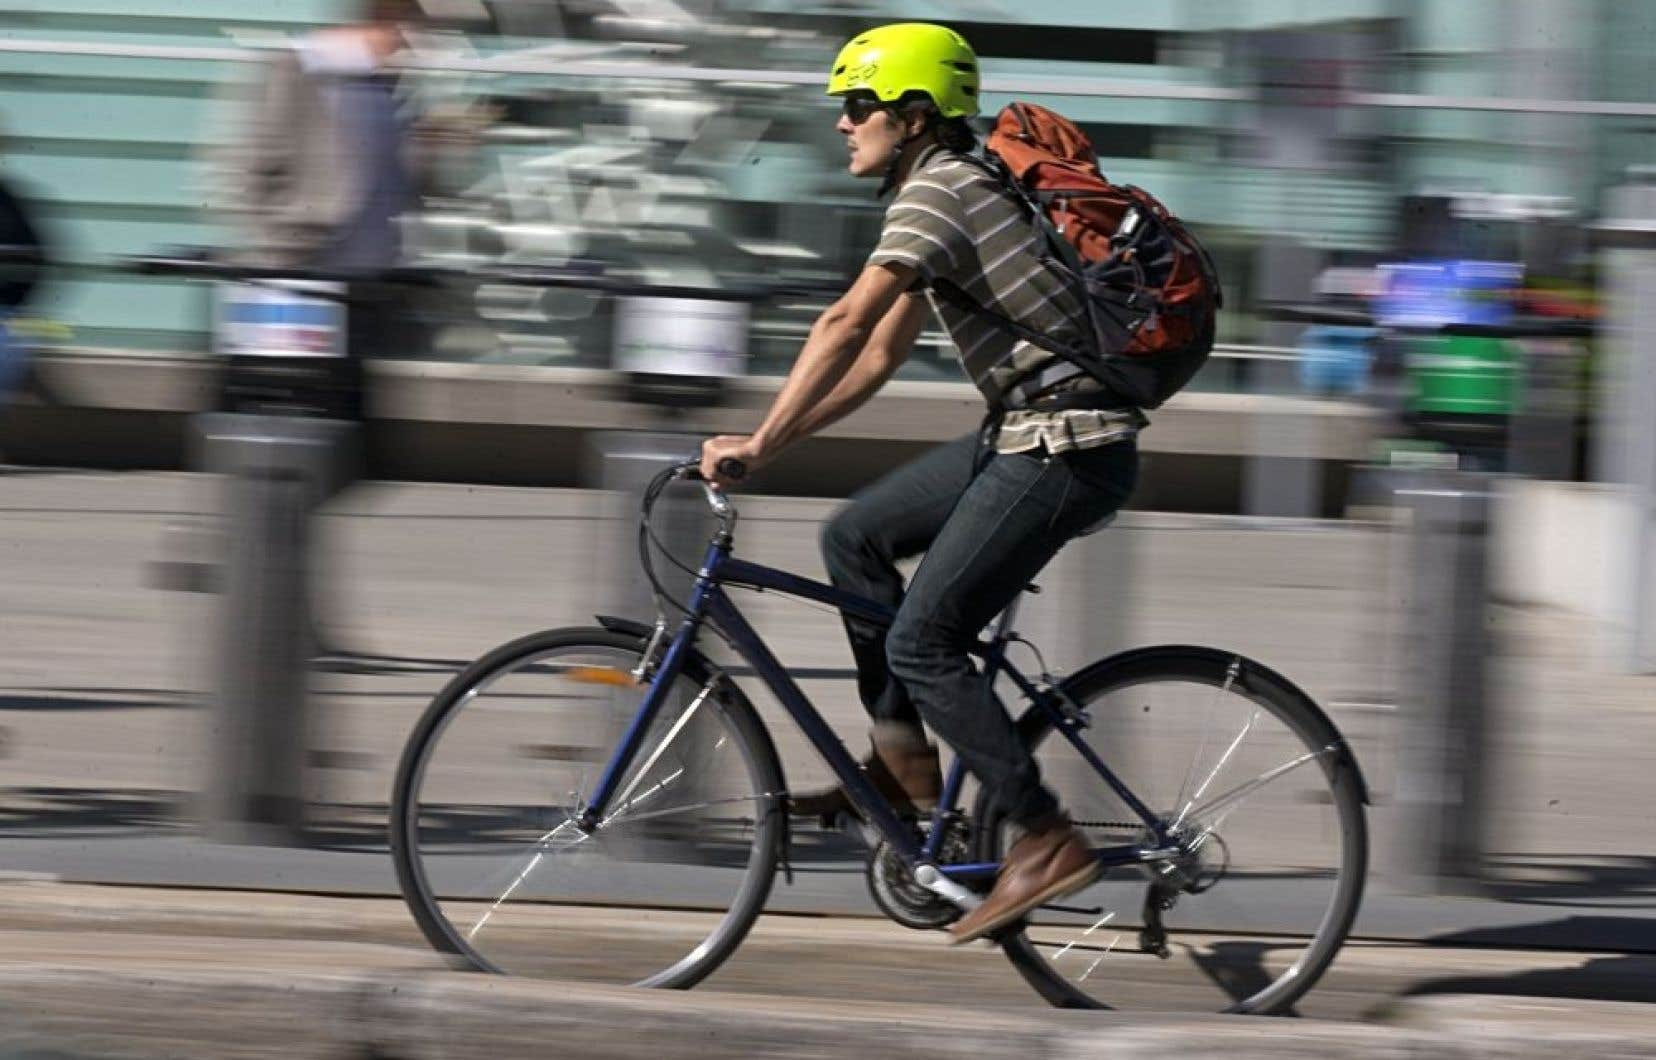 Le vol de vélos semble bel et bien un fléau à Montréal.